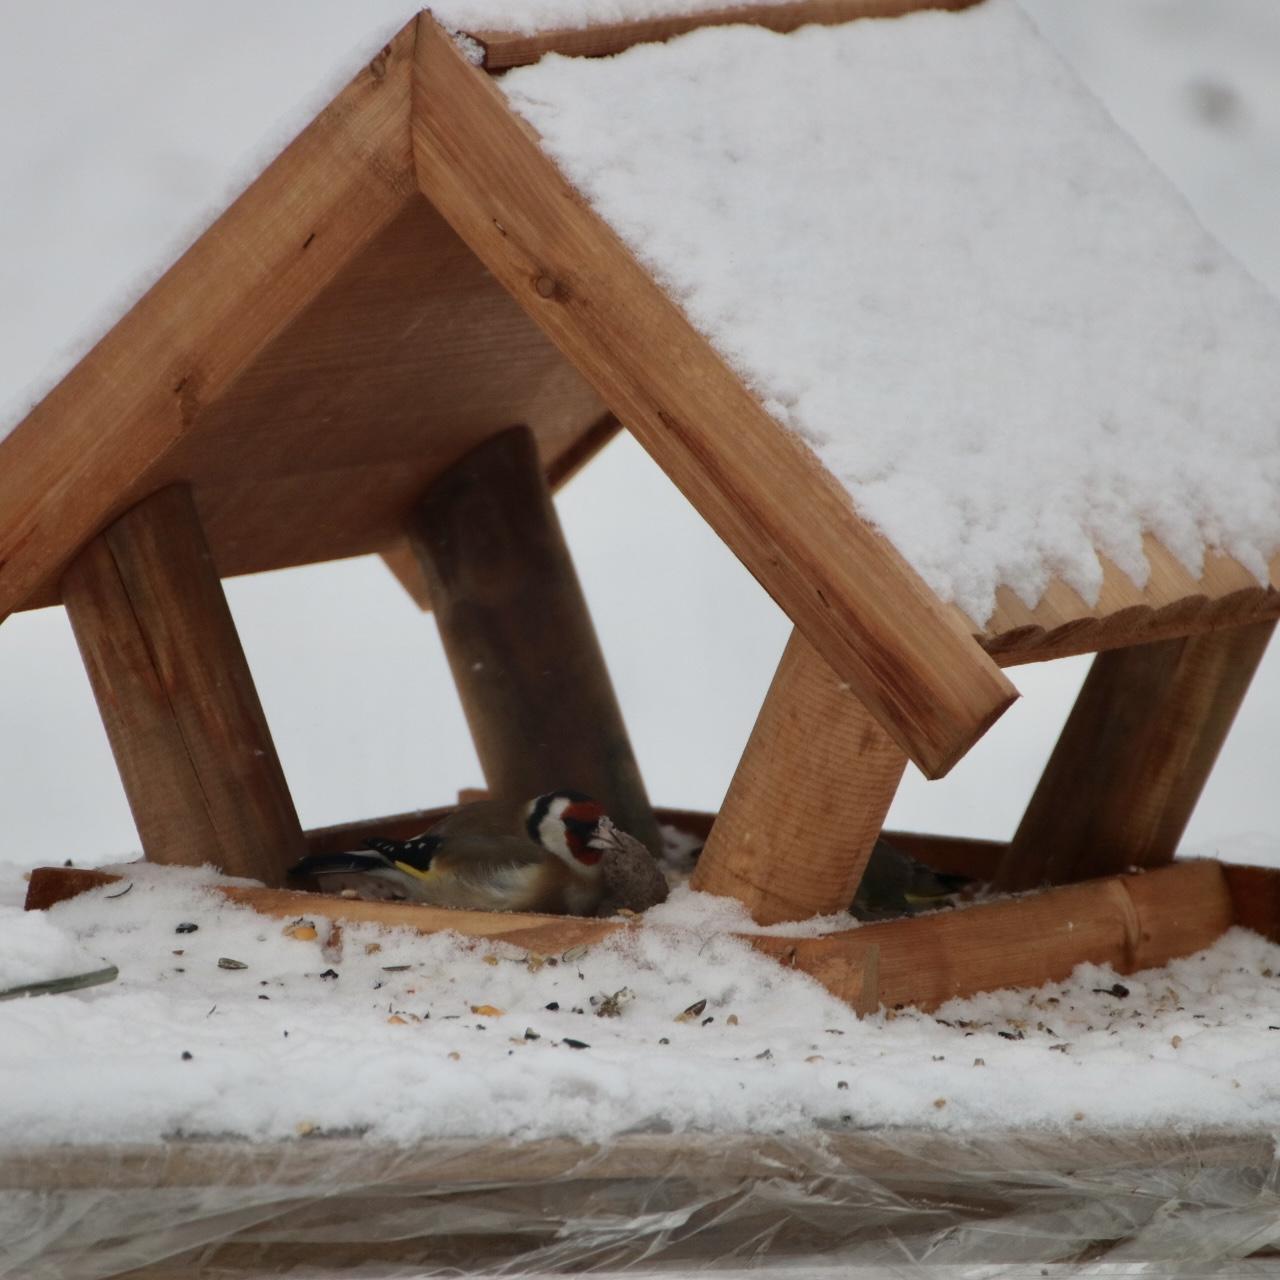 Szczygieł nie przejmował się innymi ptakami. Wbijał do karmnika i siedział w nim tak długo, aż się najadł.